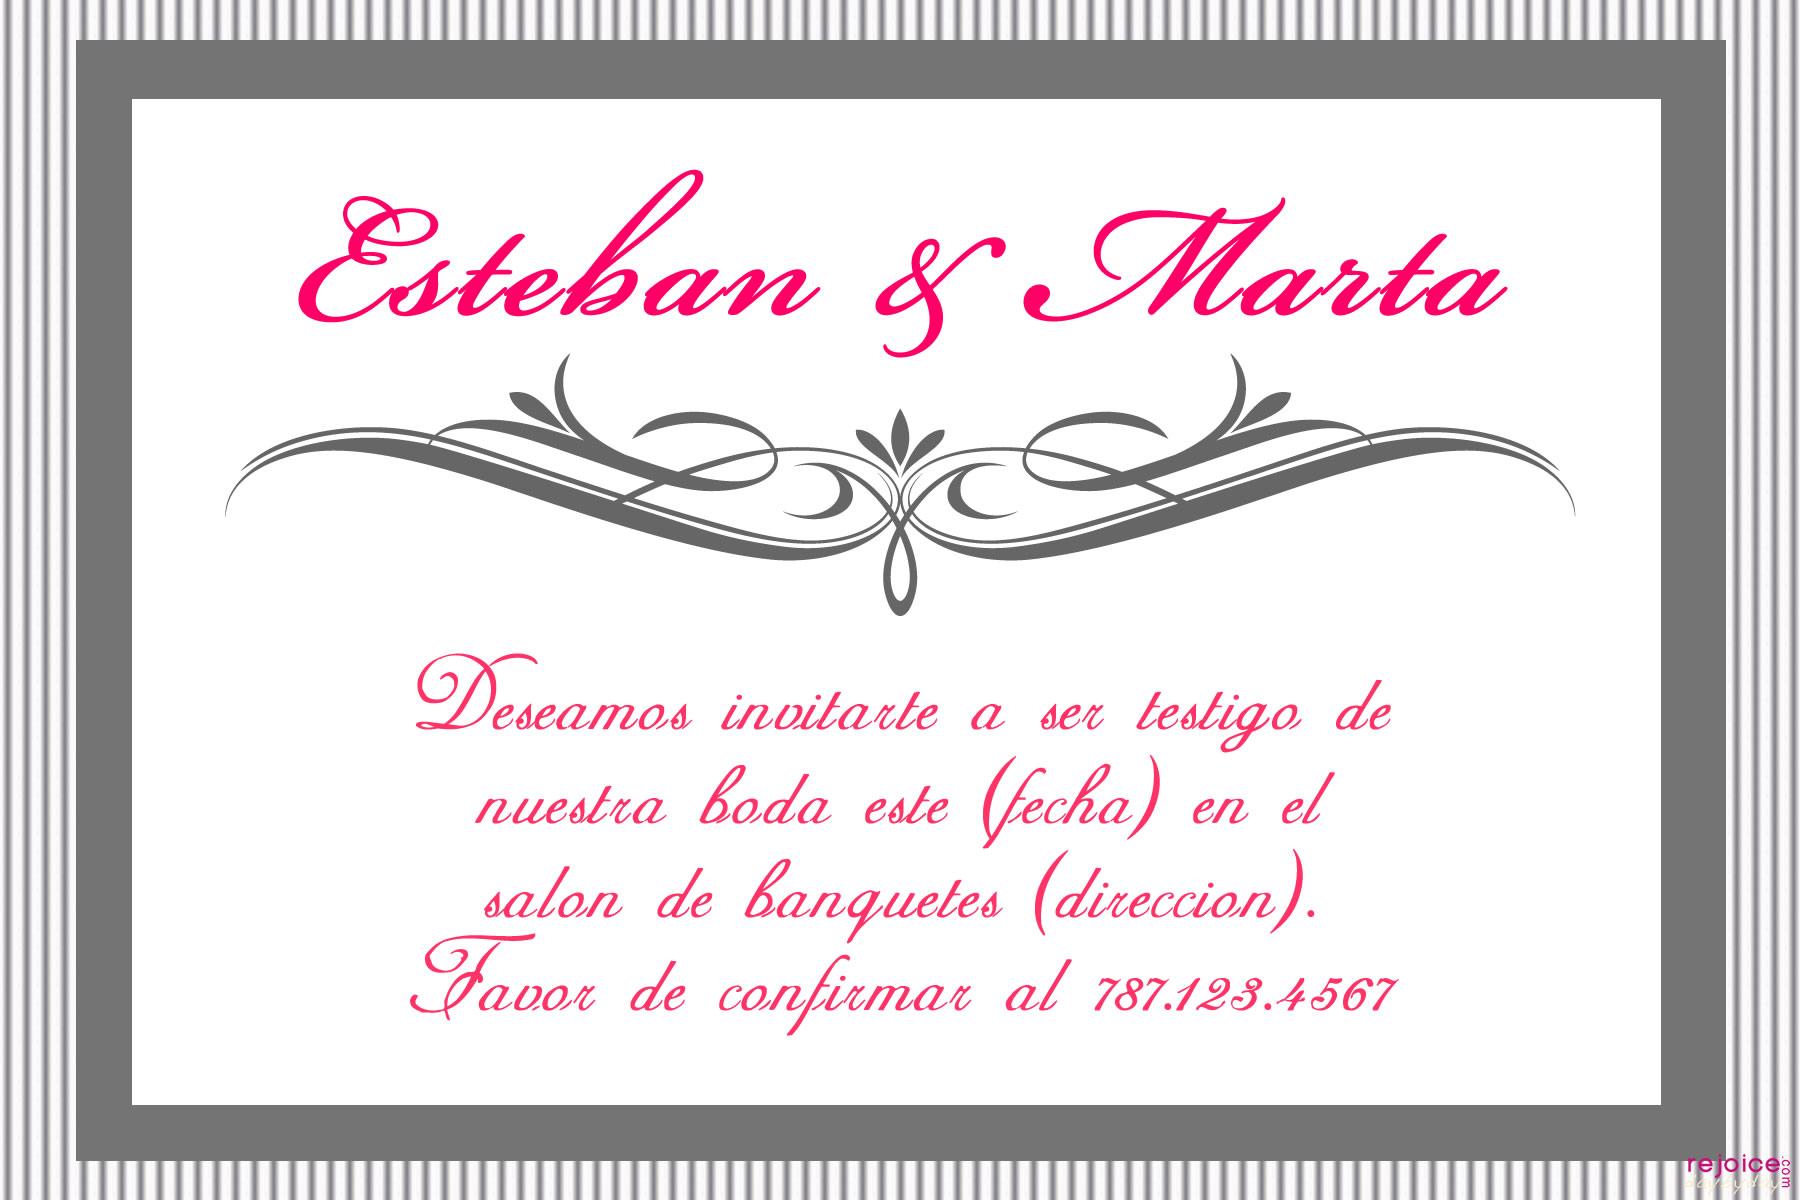 Matrimonio Versiculo Dela Biblia : Versículo bíblico para la tarjeta de boda — cuadros